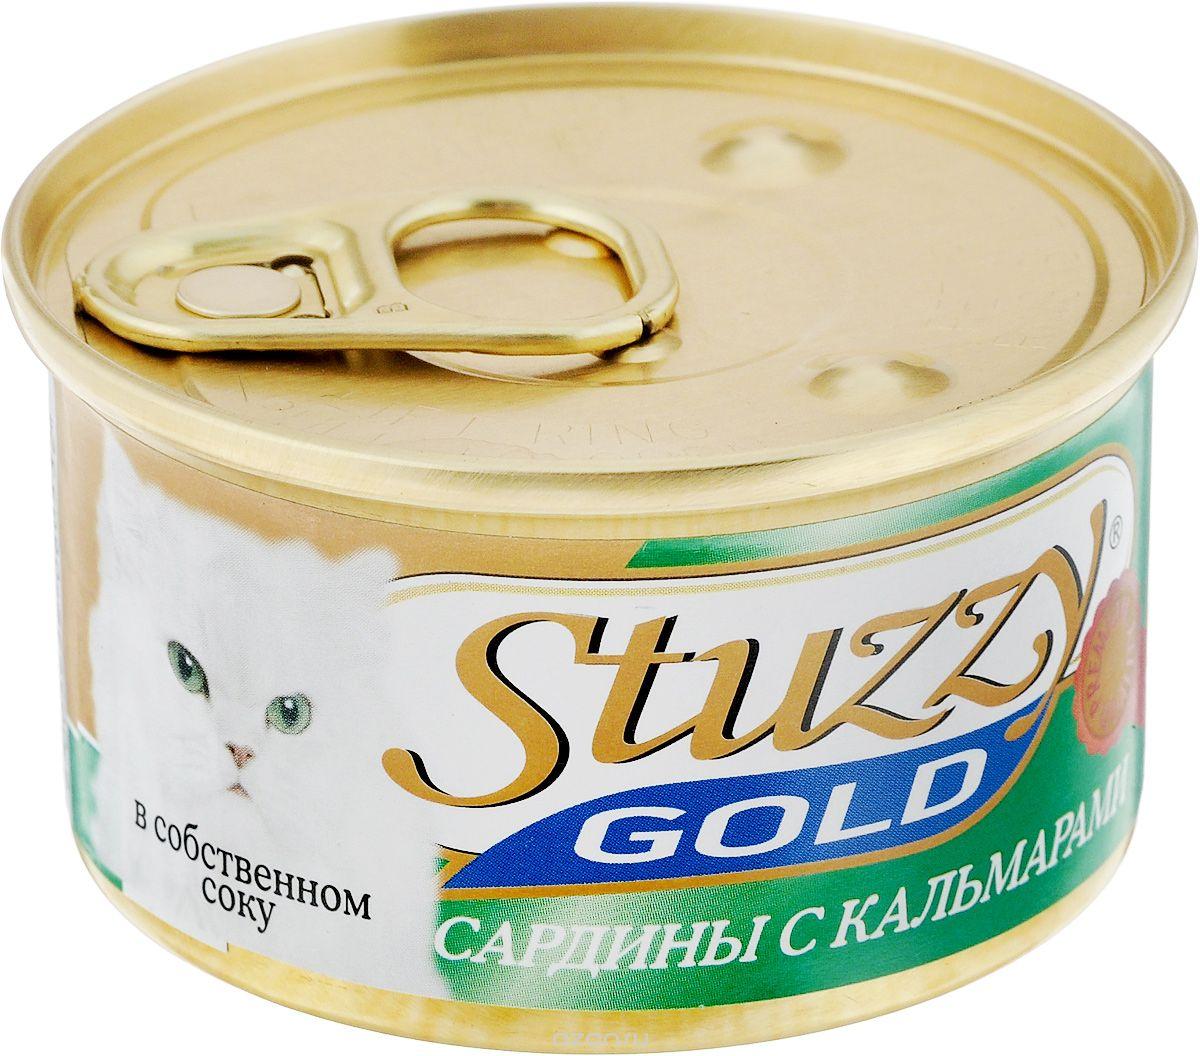 Stuzzy Gold влажный корм для взрослых кошек всех пород, сардины с кальмарами в собственном соку 85 гр